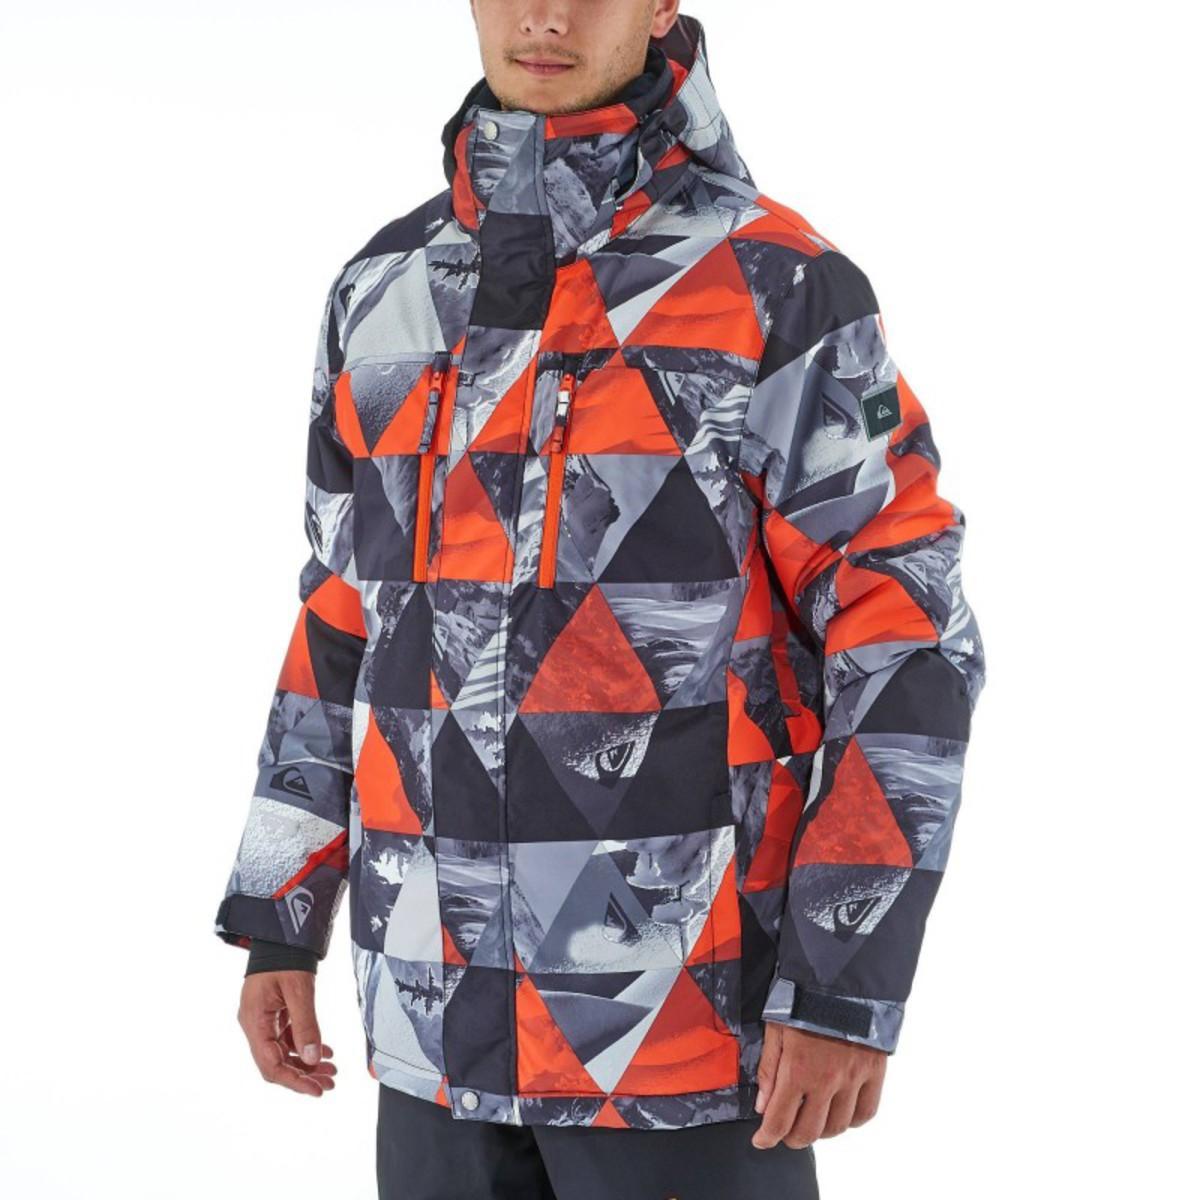 Bild 5 von QUIKSILVER Skijacke / Snowboardjacke Shift Herren, Größe: XS